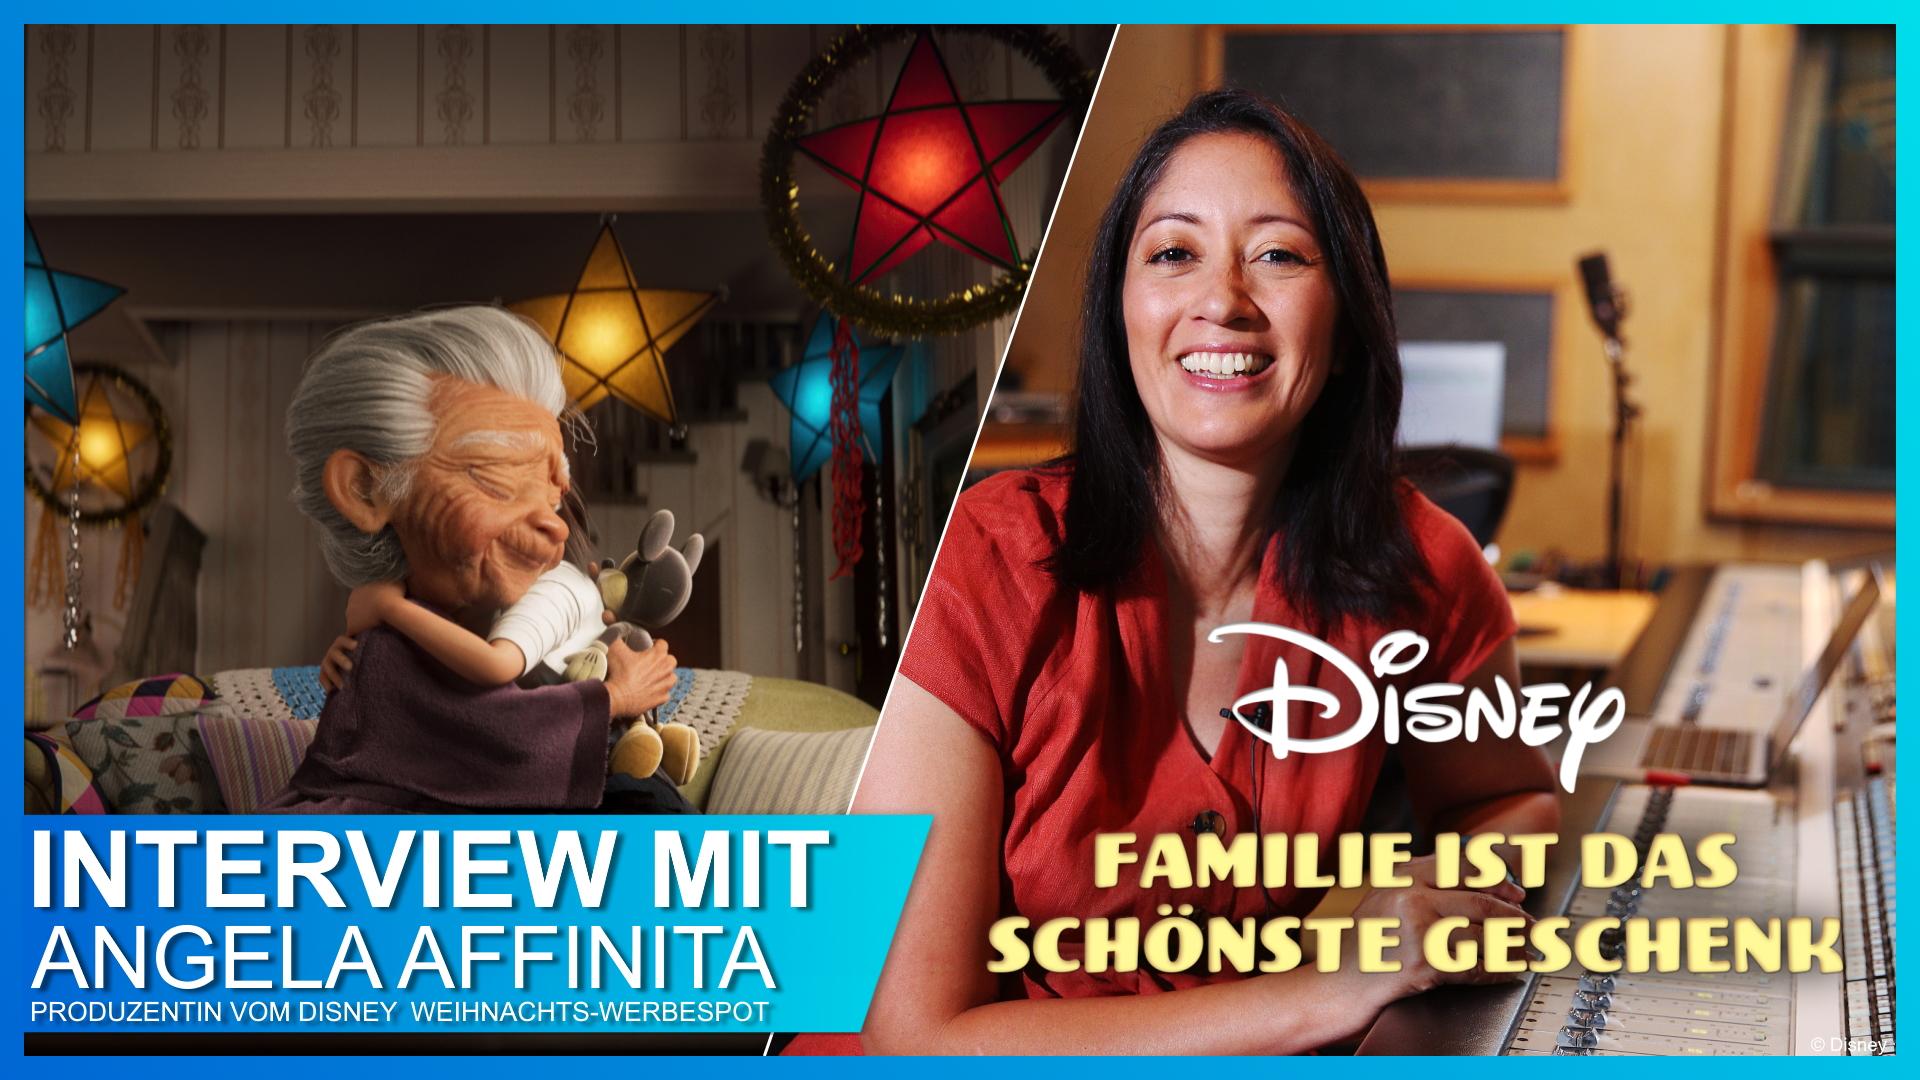 Angela Affinita, Familie ist das schönste Geschenk